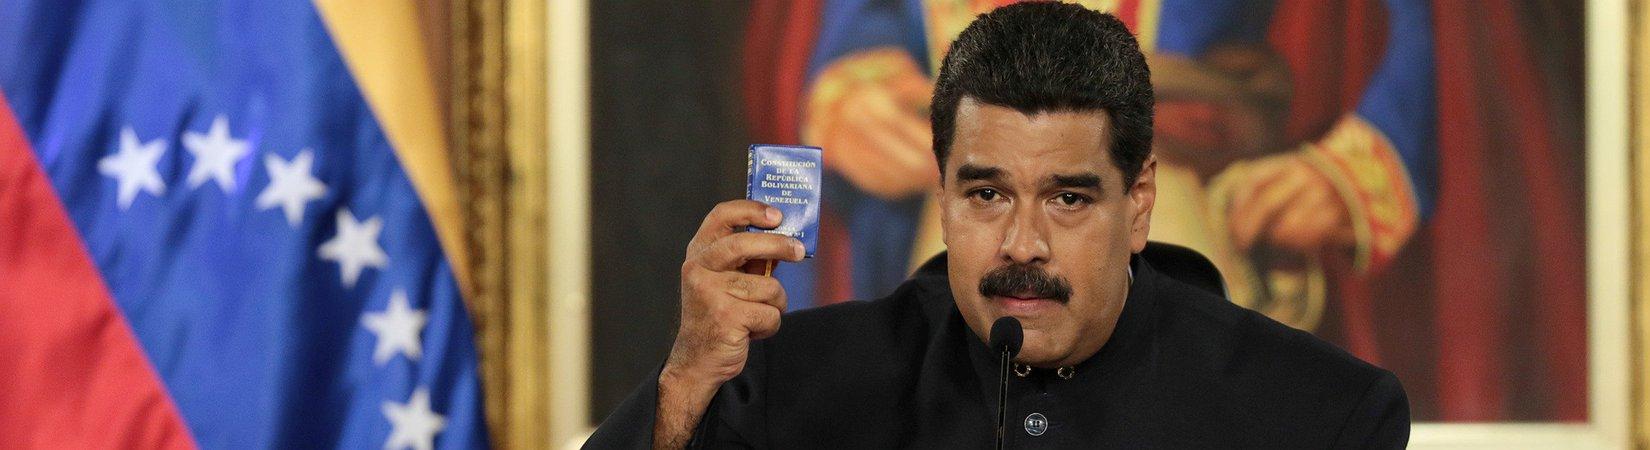 Nicolas Maduro vuole una nuova Costituzione